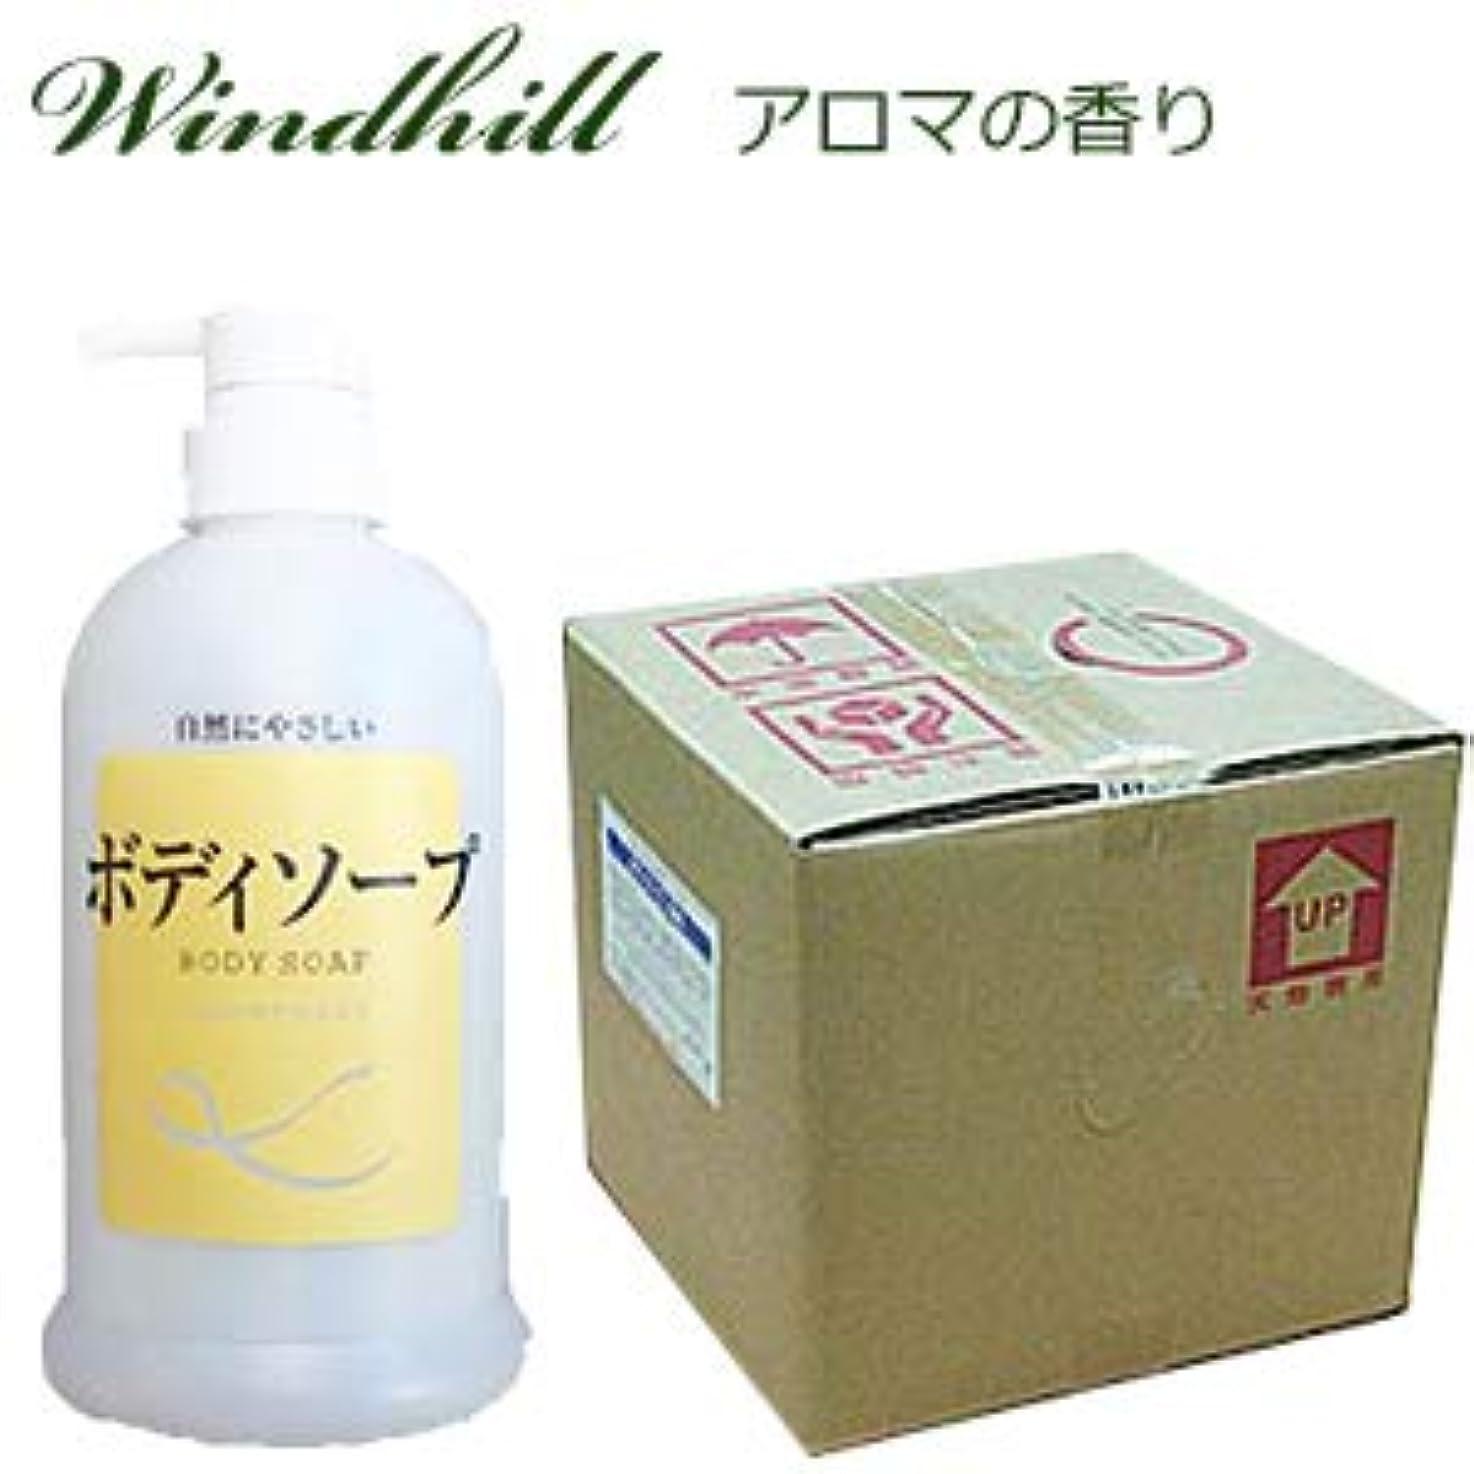 軽く落ち着いて均等になんと! 500ml当り188円 Windhill 植物性業務用 ボディソープ  紅茶を思うアロマの香り 20L